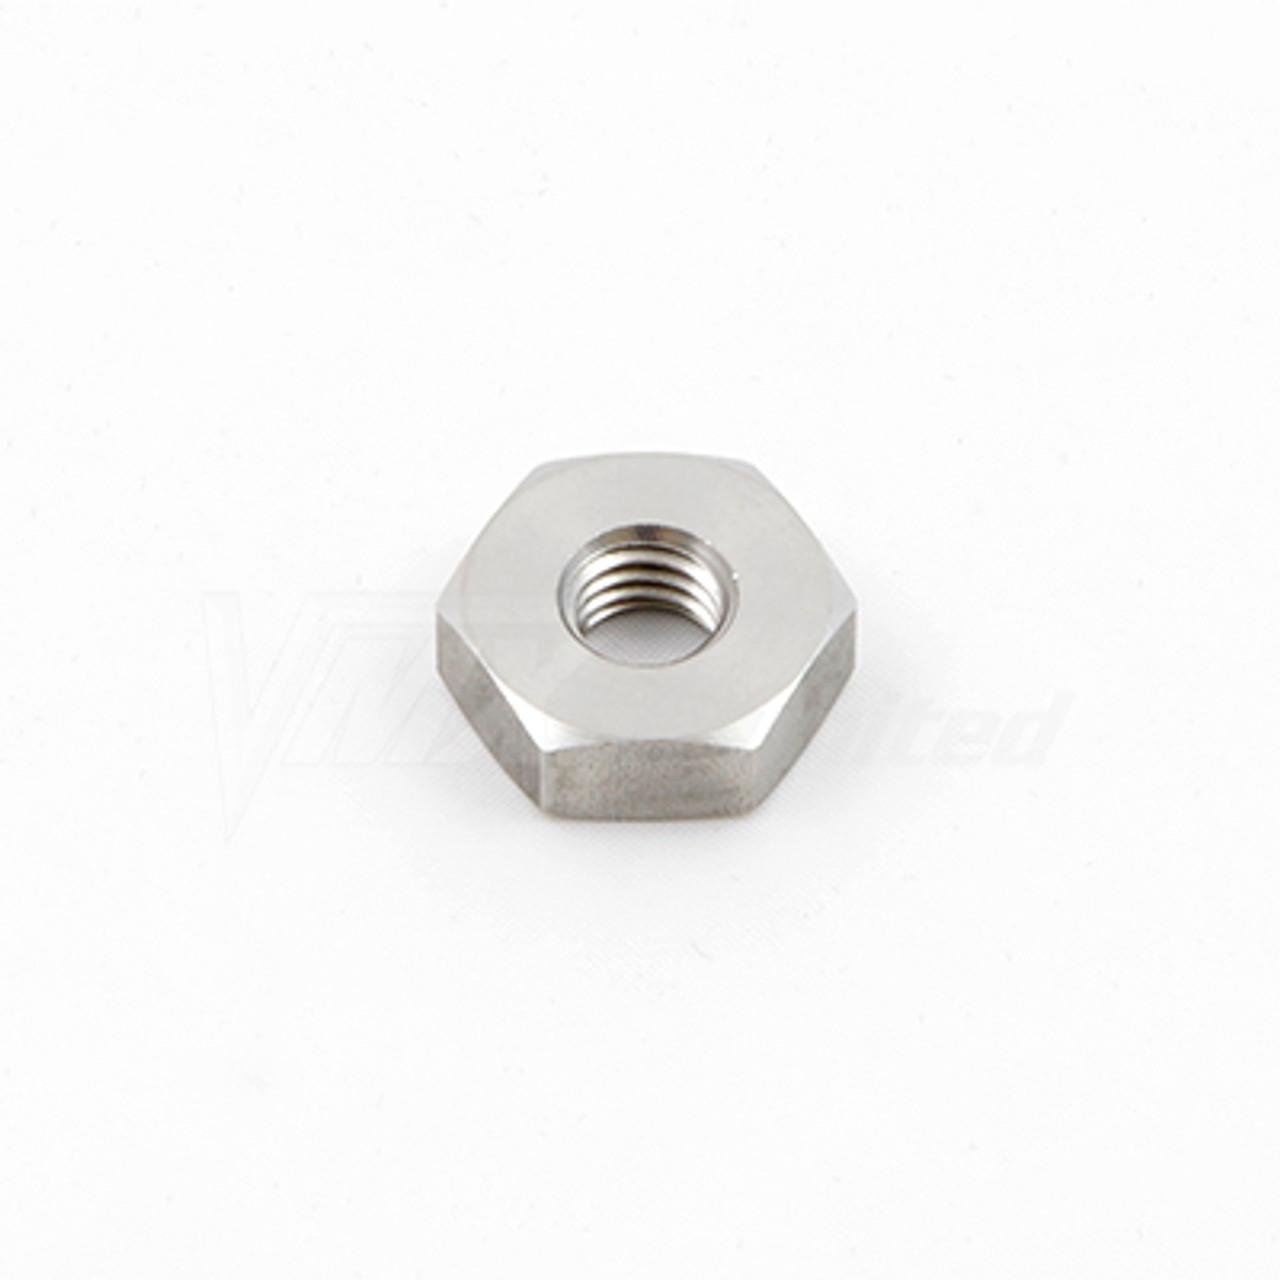 Rear Sprocket Nut Stainless Steel